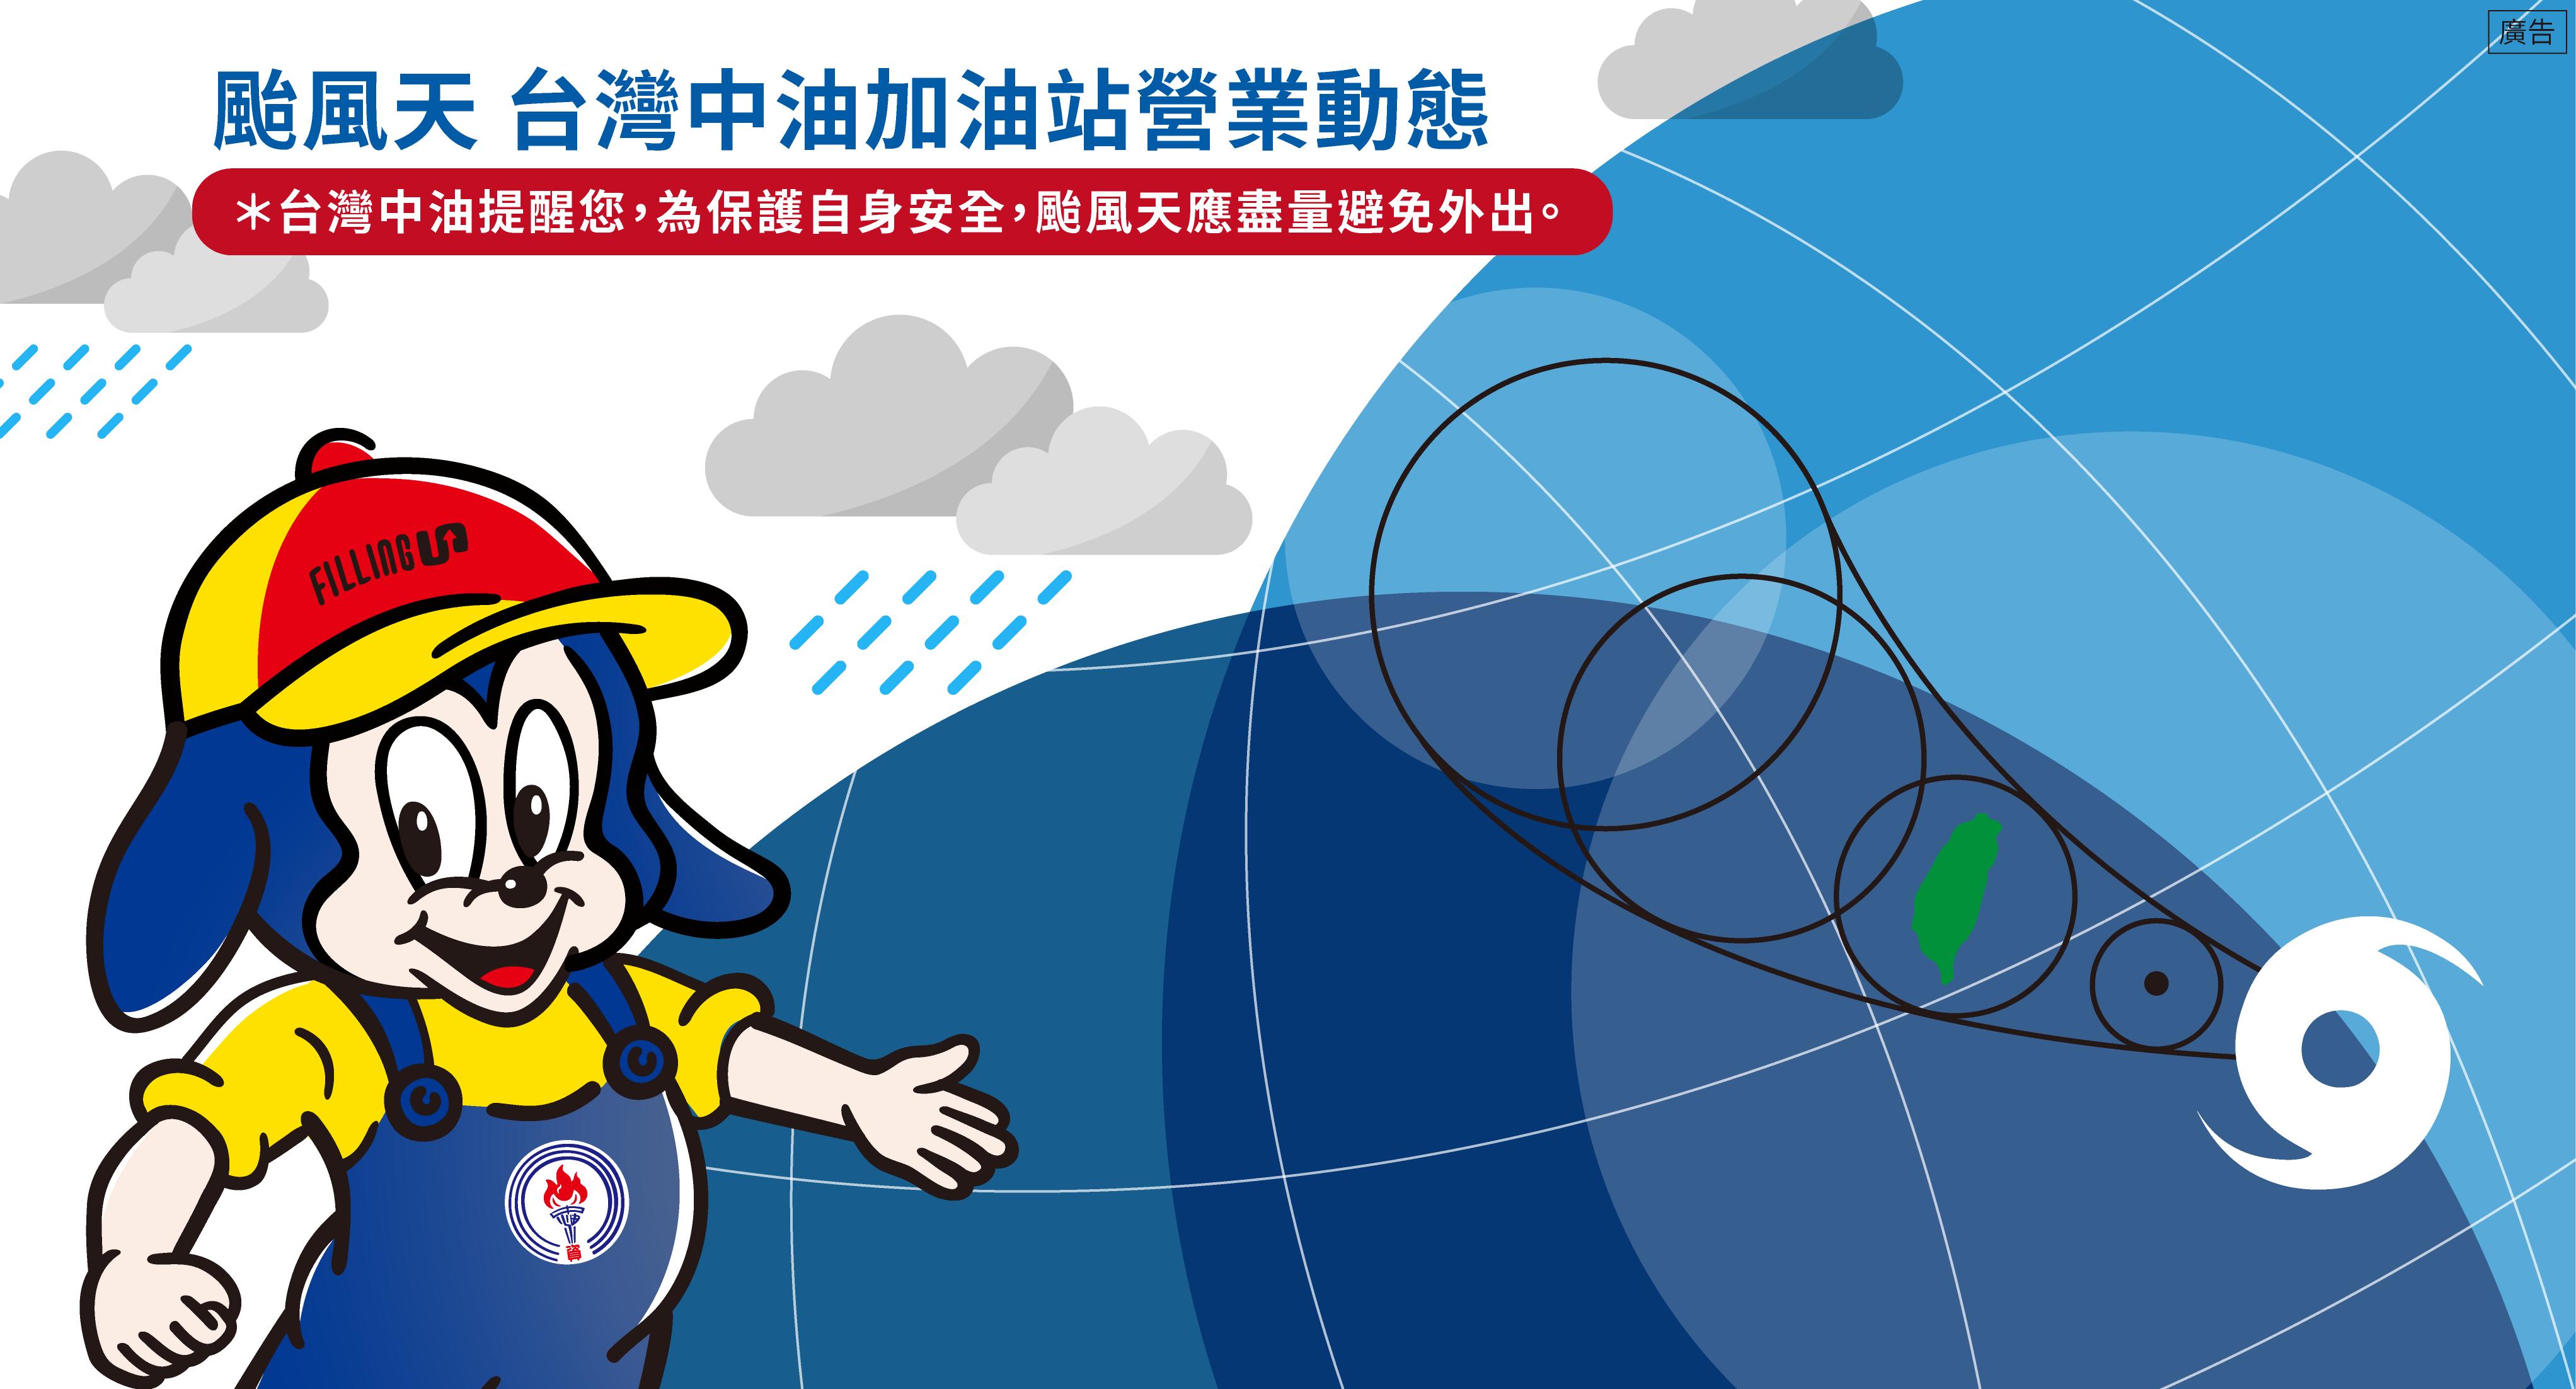 颱風暫時停業加油站資訊